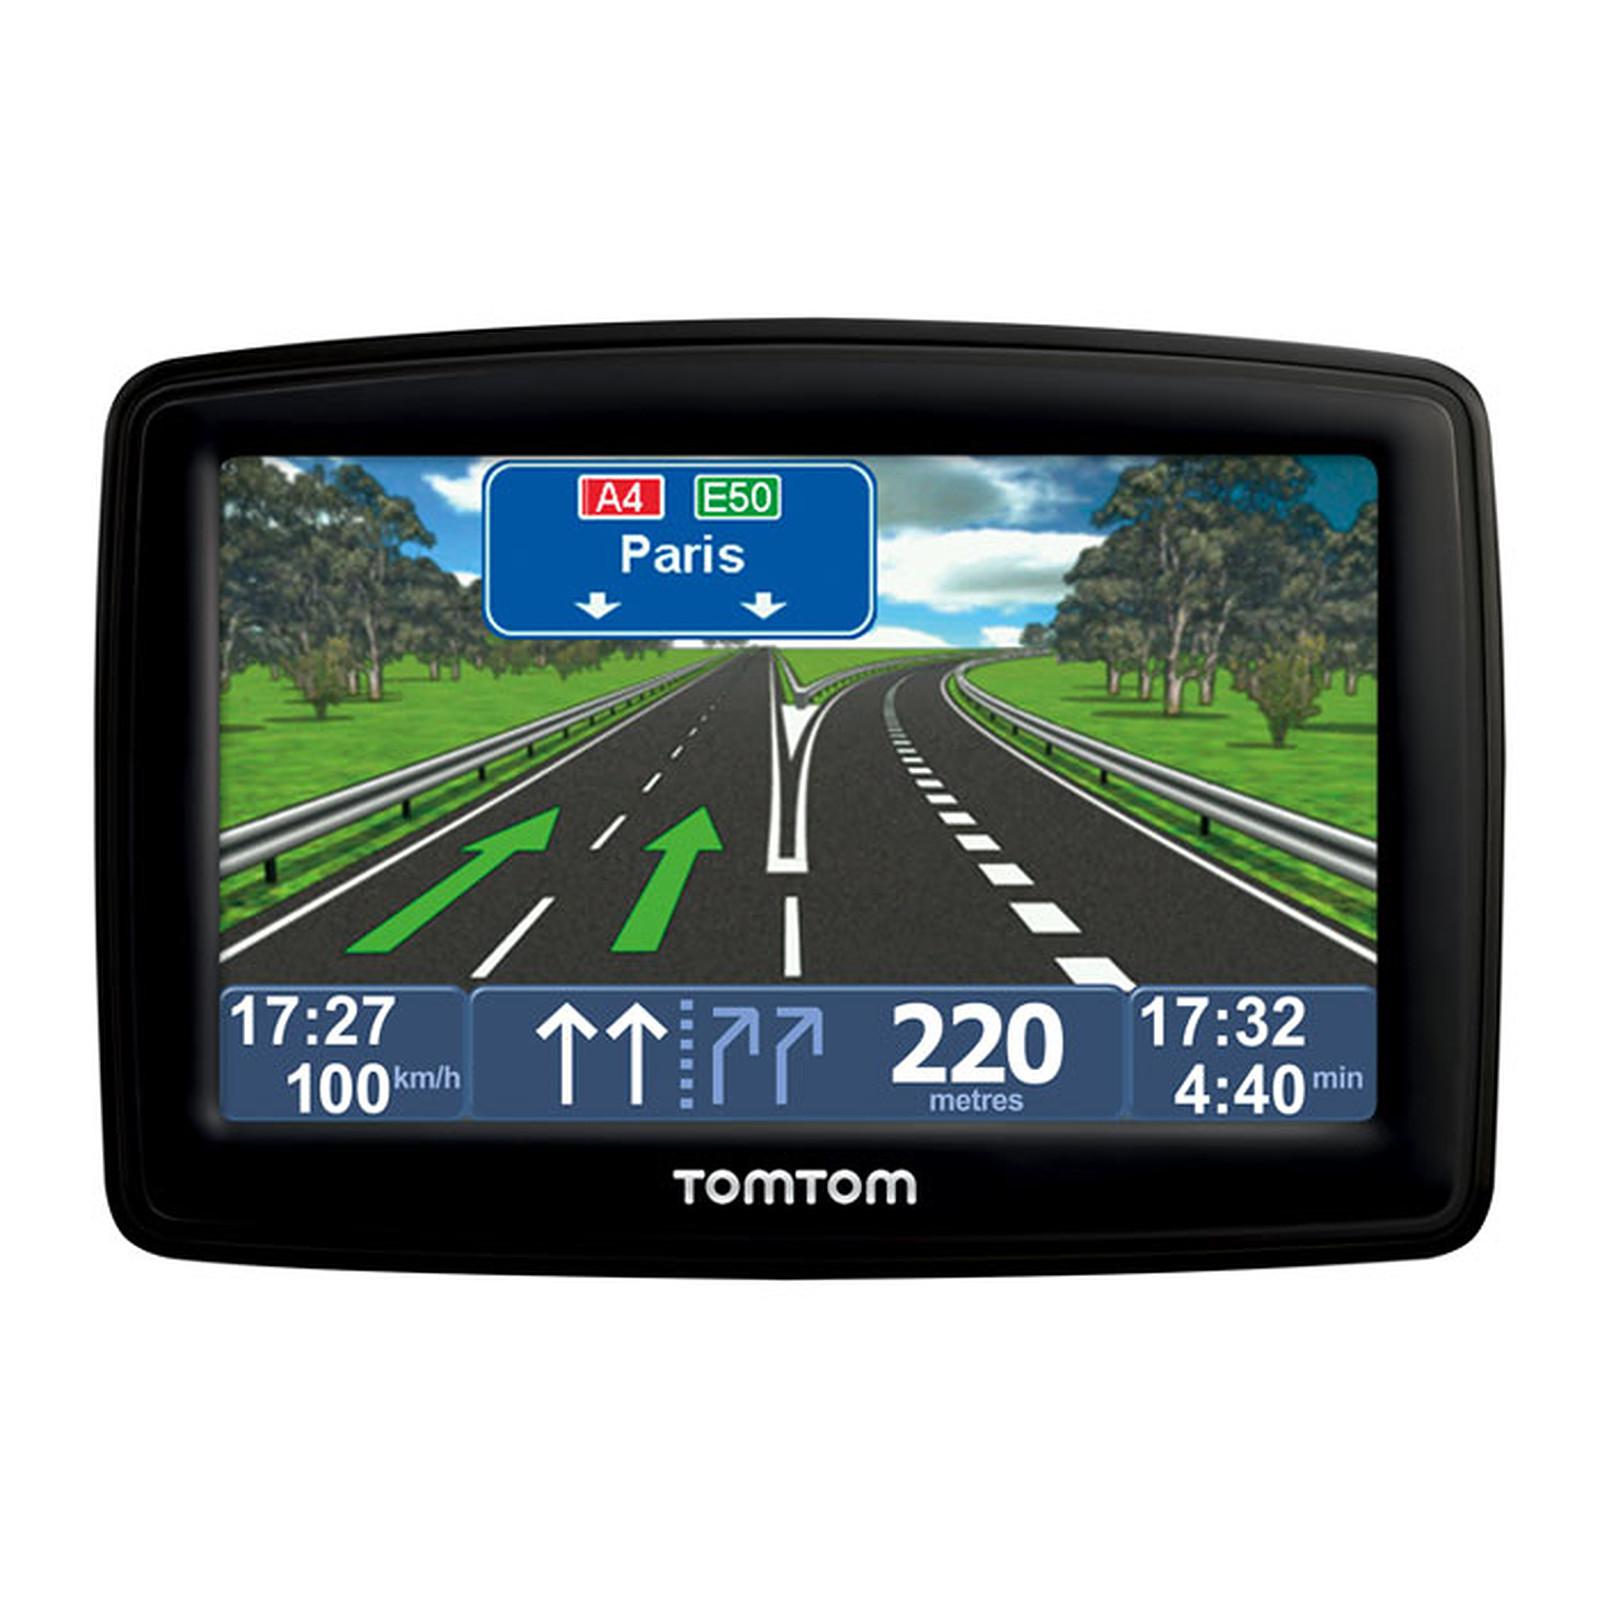 TELEATLAS TÉLÉCHARGER CARTE GRATUIT GPS